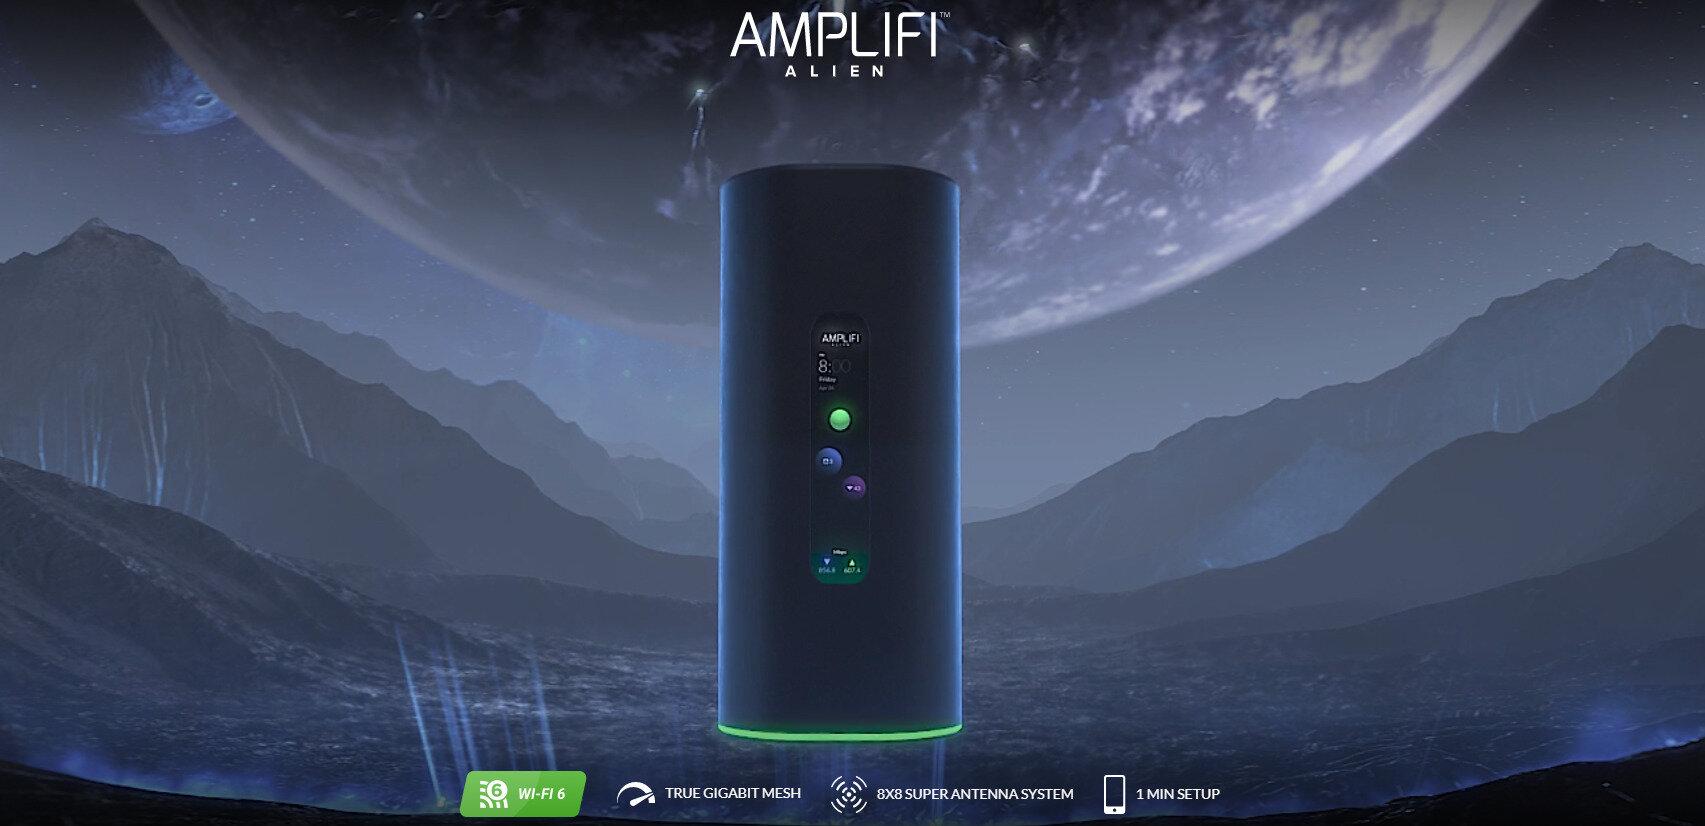 Ubiquiti dévoile son routeur Wi-Fi 6 AmpliFi Alien : 8x8 et « True Gigabit Mesh » à 379 dollars